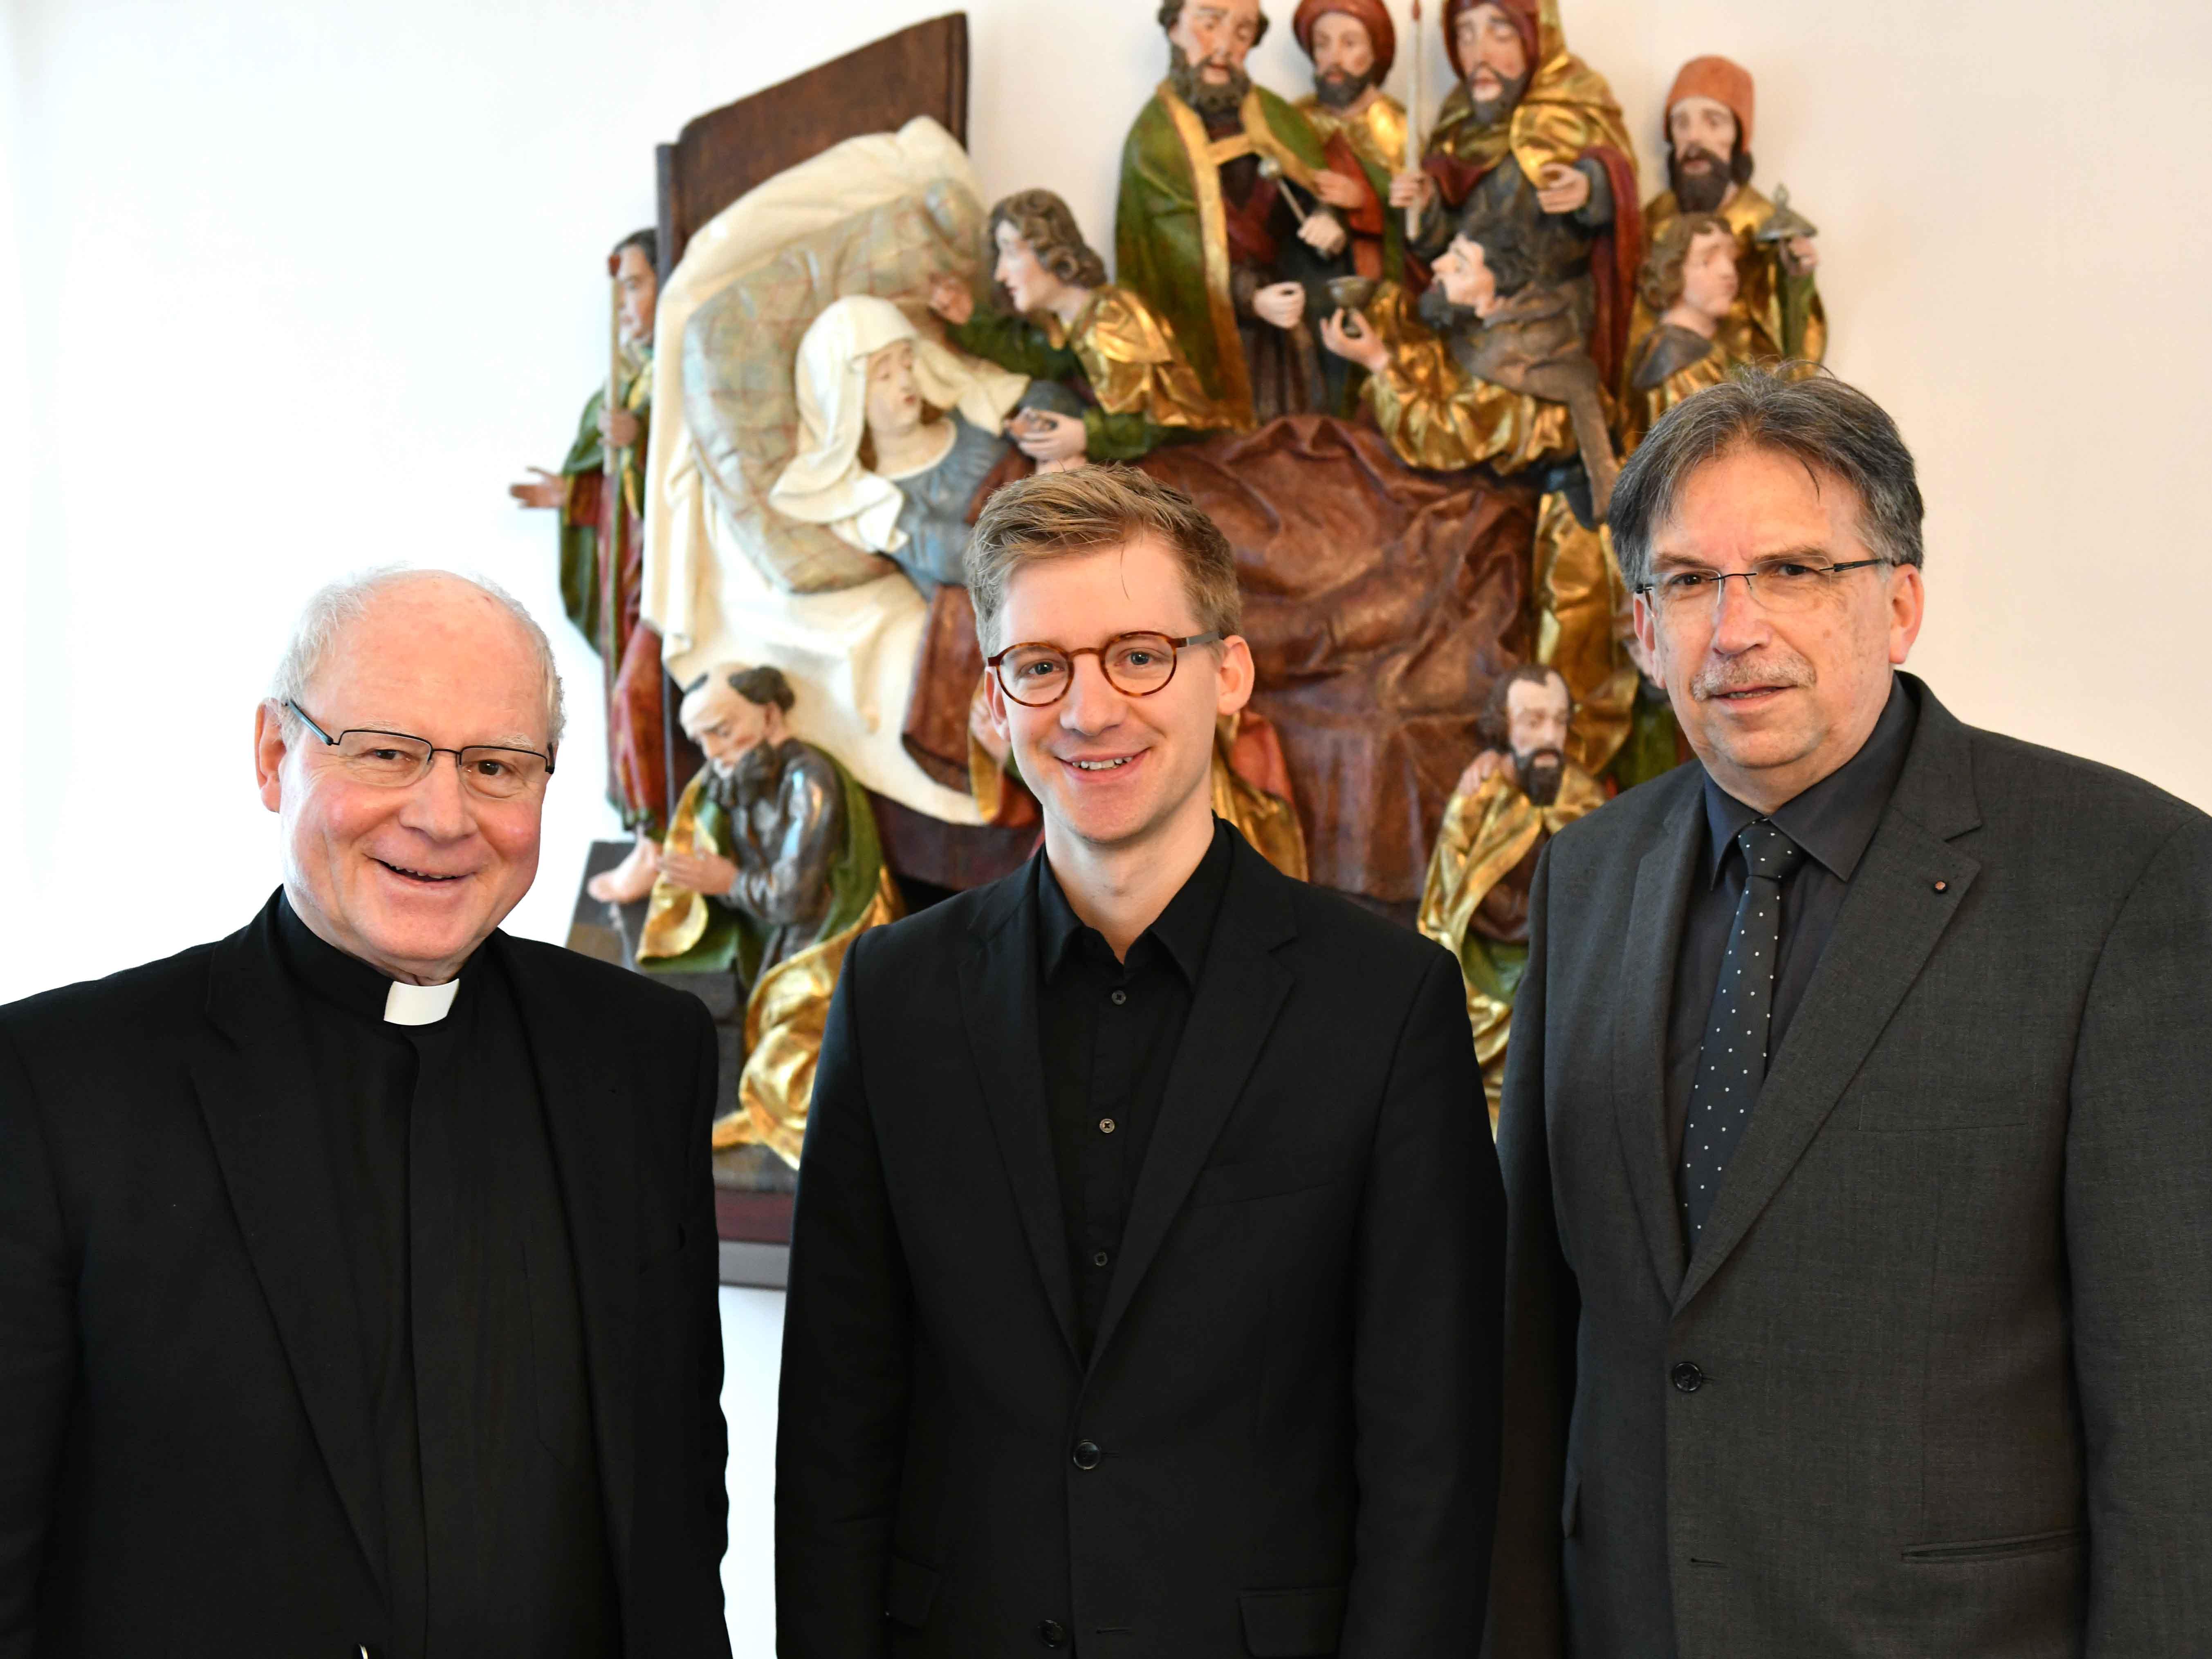 Bischof Konrad ermöglicht Generationenwechsel in der Dommusik: Stefan Steinemann (Mitte) wird ab 2020 Nachfolger von Domkapellmeister Reinhard Kammler. (Foto Nicolas Schnall / pba)